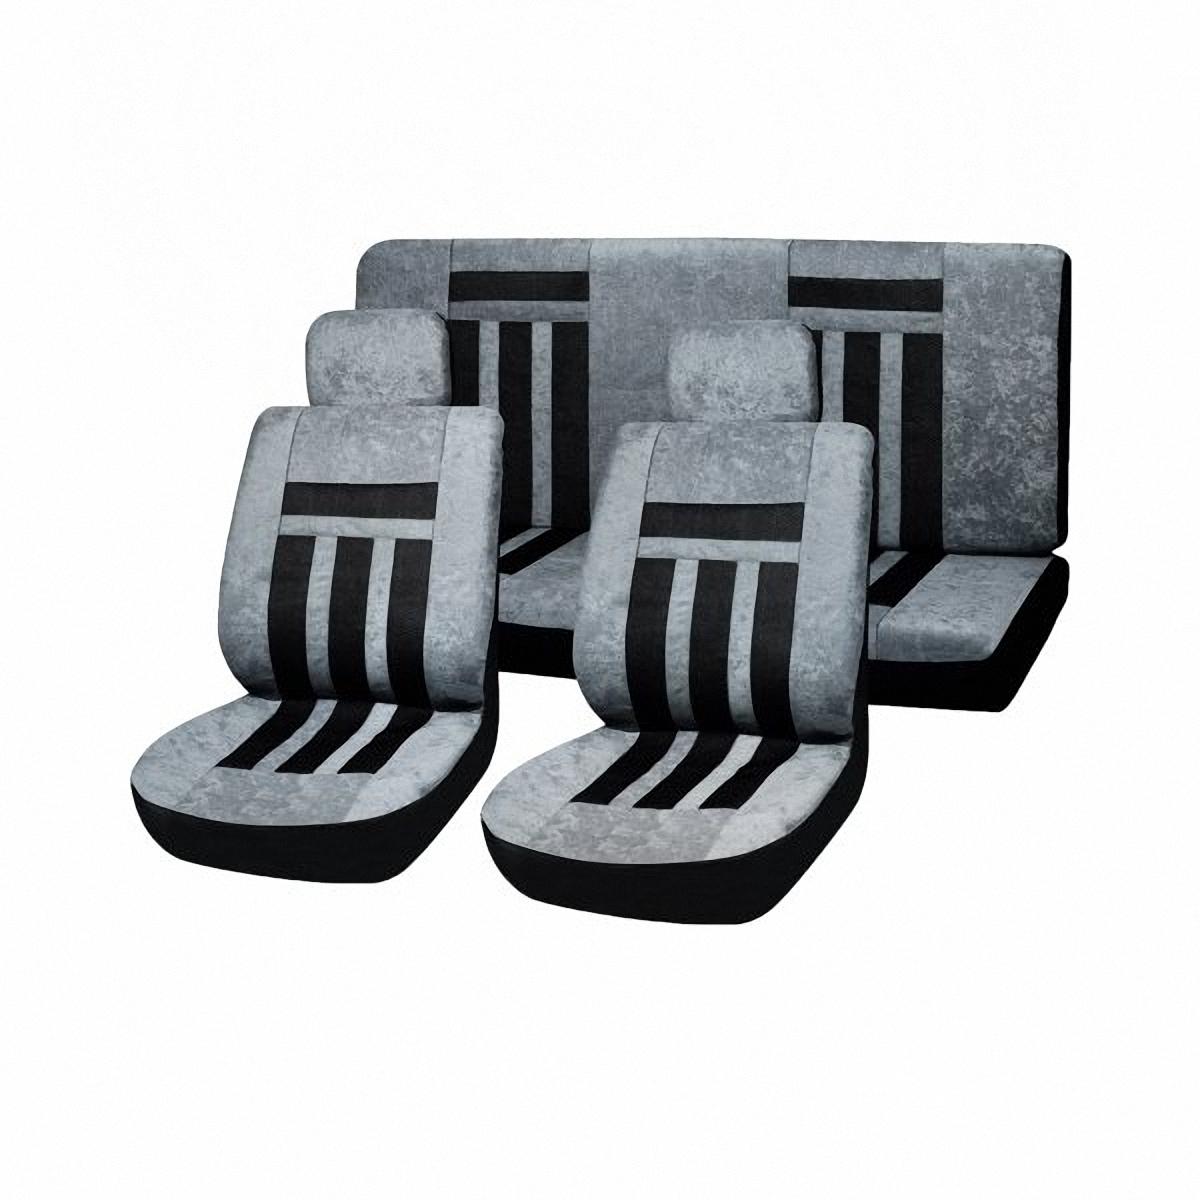 Чехлы автомобильные Skyway. SW-111034 BK/GY/S01301007SW-111034 BK/GY/S01301007Вам не хватает уюта и комфорта в салоне? Самый лучший способ изменить это – «одеть» ваши сидения в чехлы SKYWAY. Изготовленные из прочного материала они защитят ваш салон от износа и повреждений. Более плотный поролон позволяет чехлам полностью прилегать к сидению автомобиля и меньше растягиваться в процессе использования. Ткань чехлов на сиденья SKYWAY не вытягивается, не истирается, великолепно сохраняет форму, устойчива к световому и тепловому воздействию, а ровные, крепкие швы не разойдутся даже при сильном натяжении.